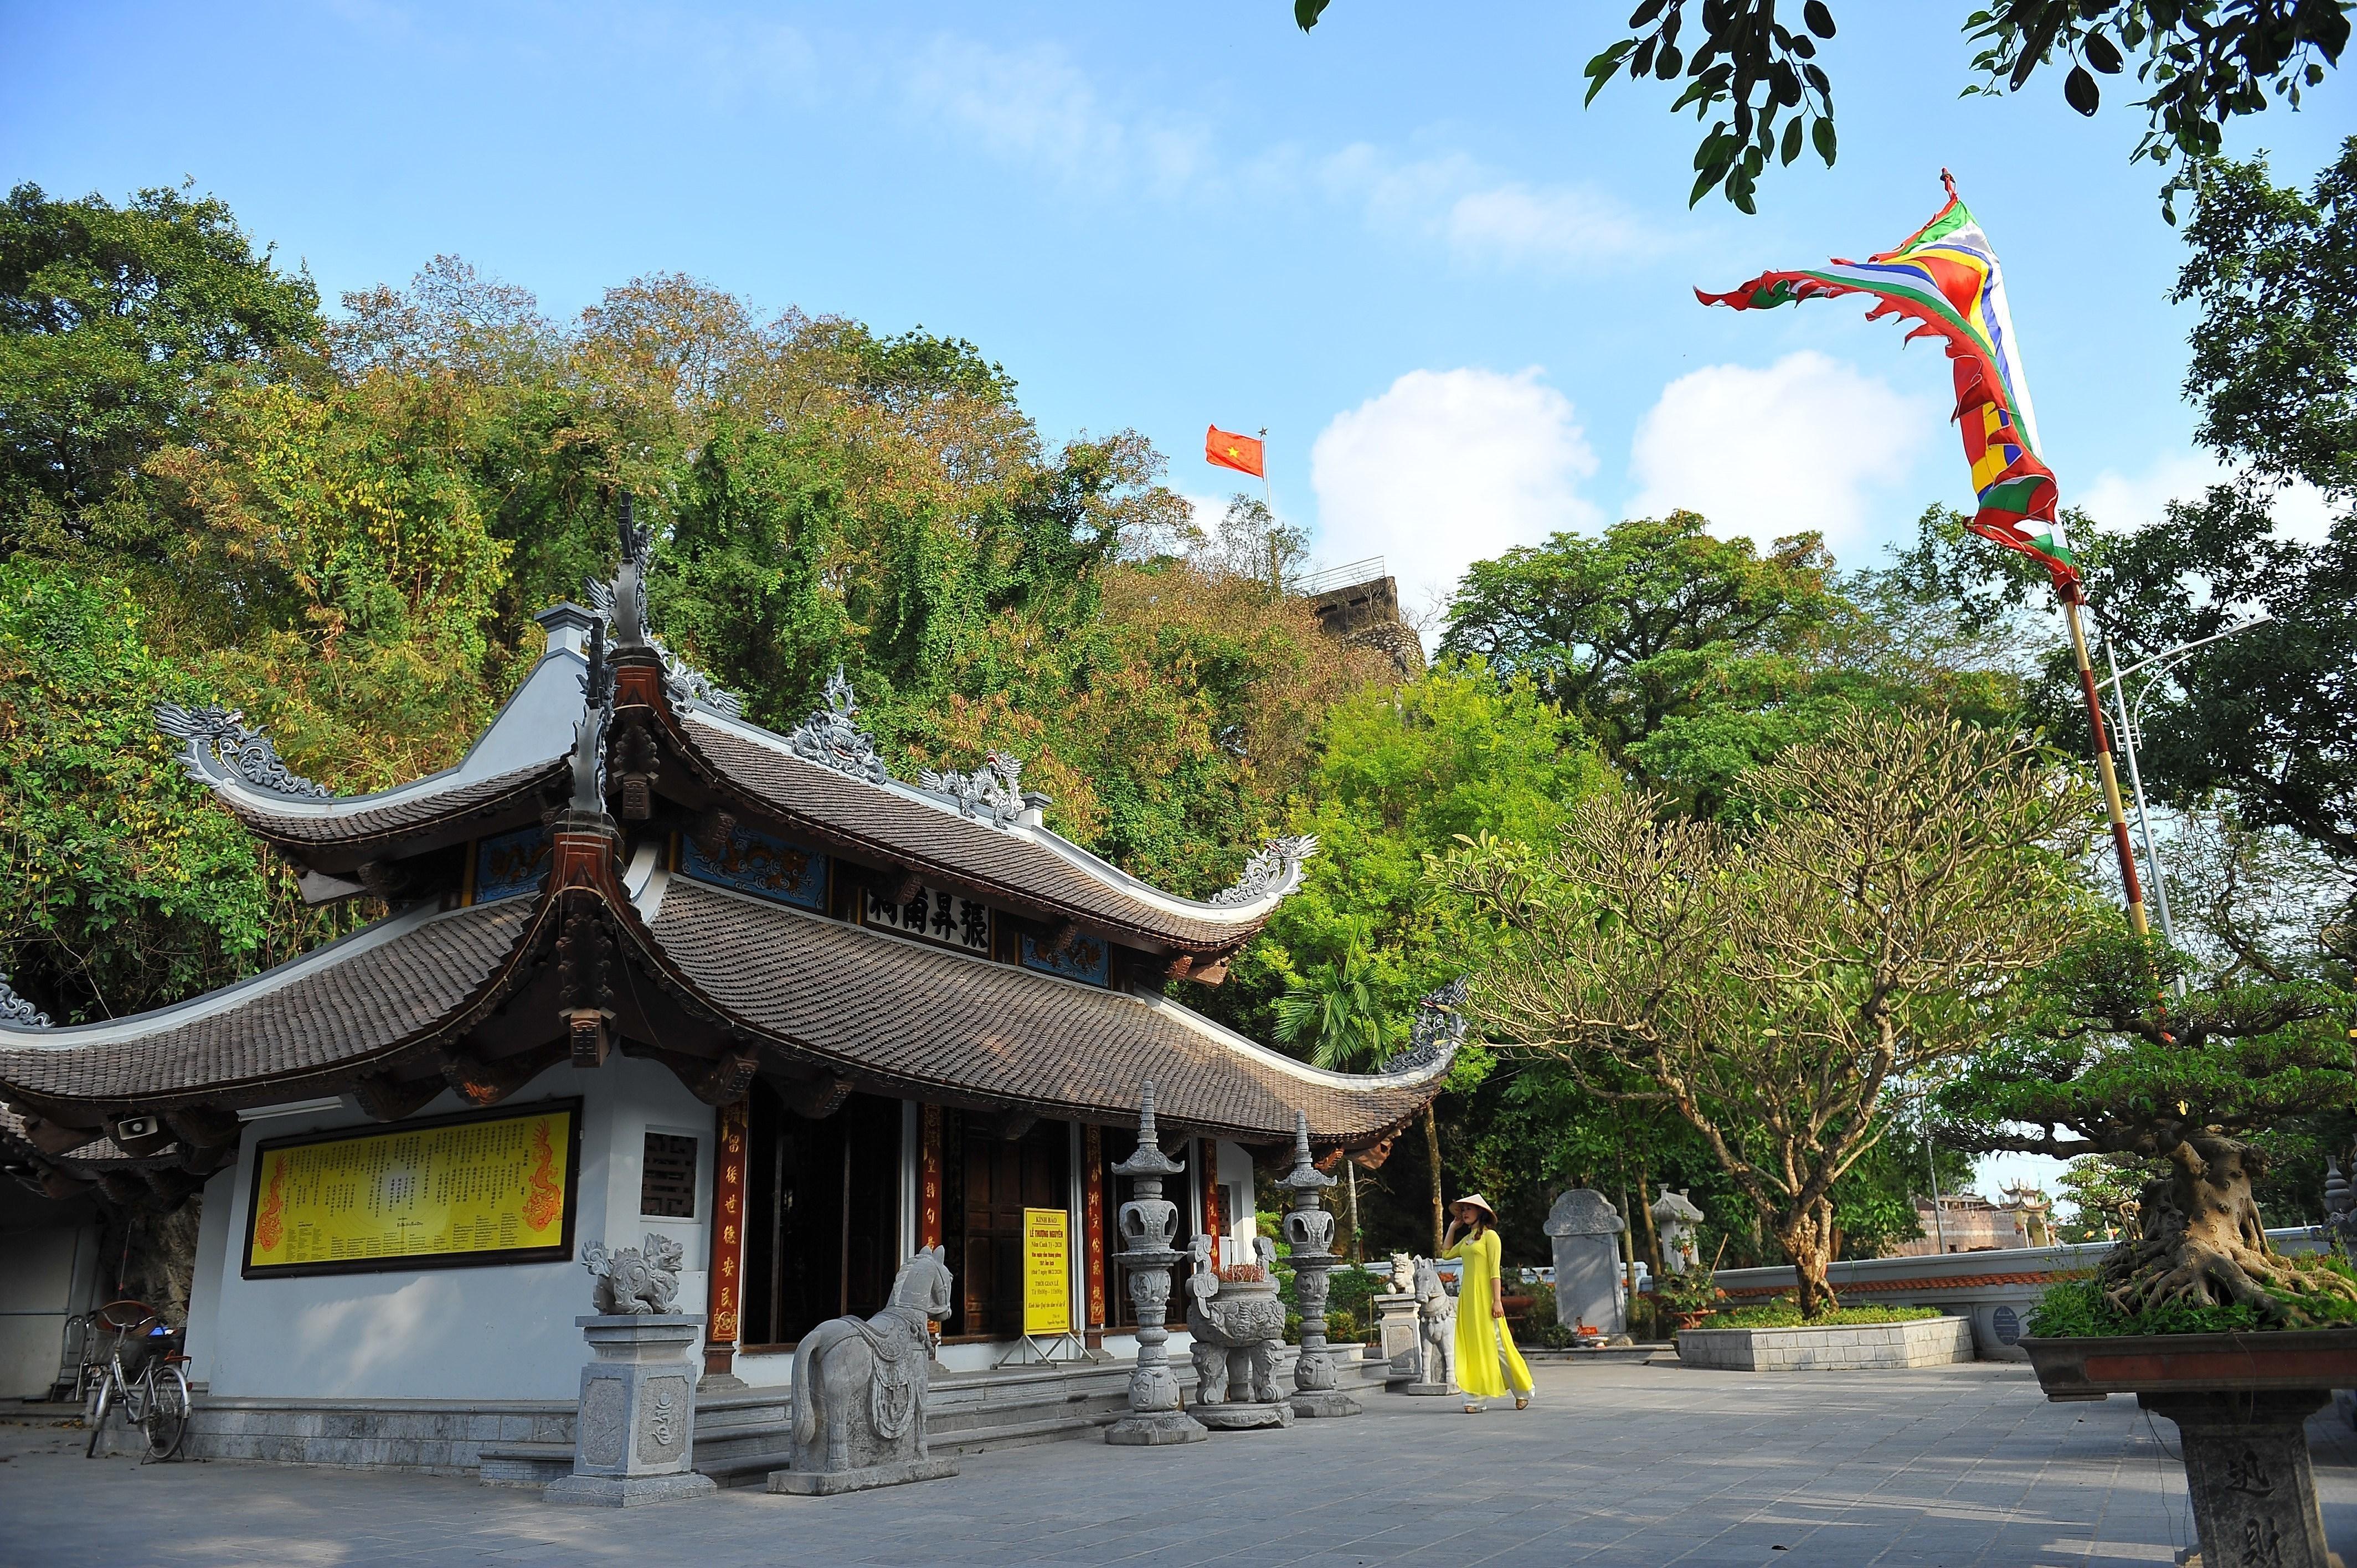 Ниньбинь - привлекательныи краи для туристов hinh anh 10